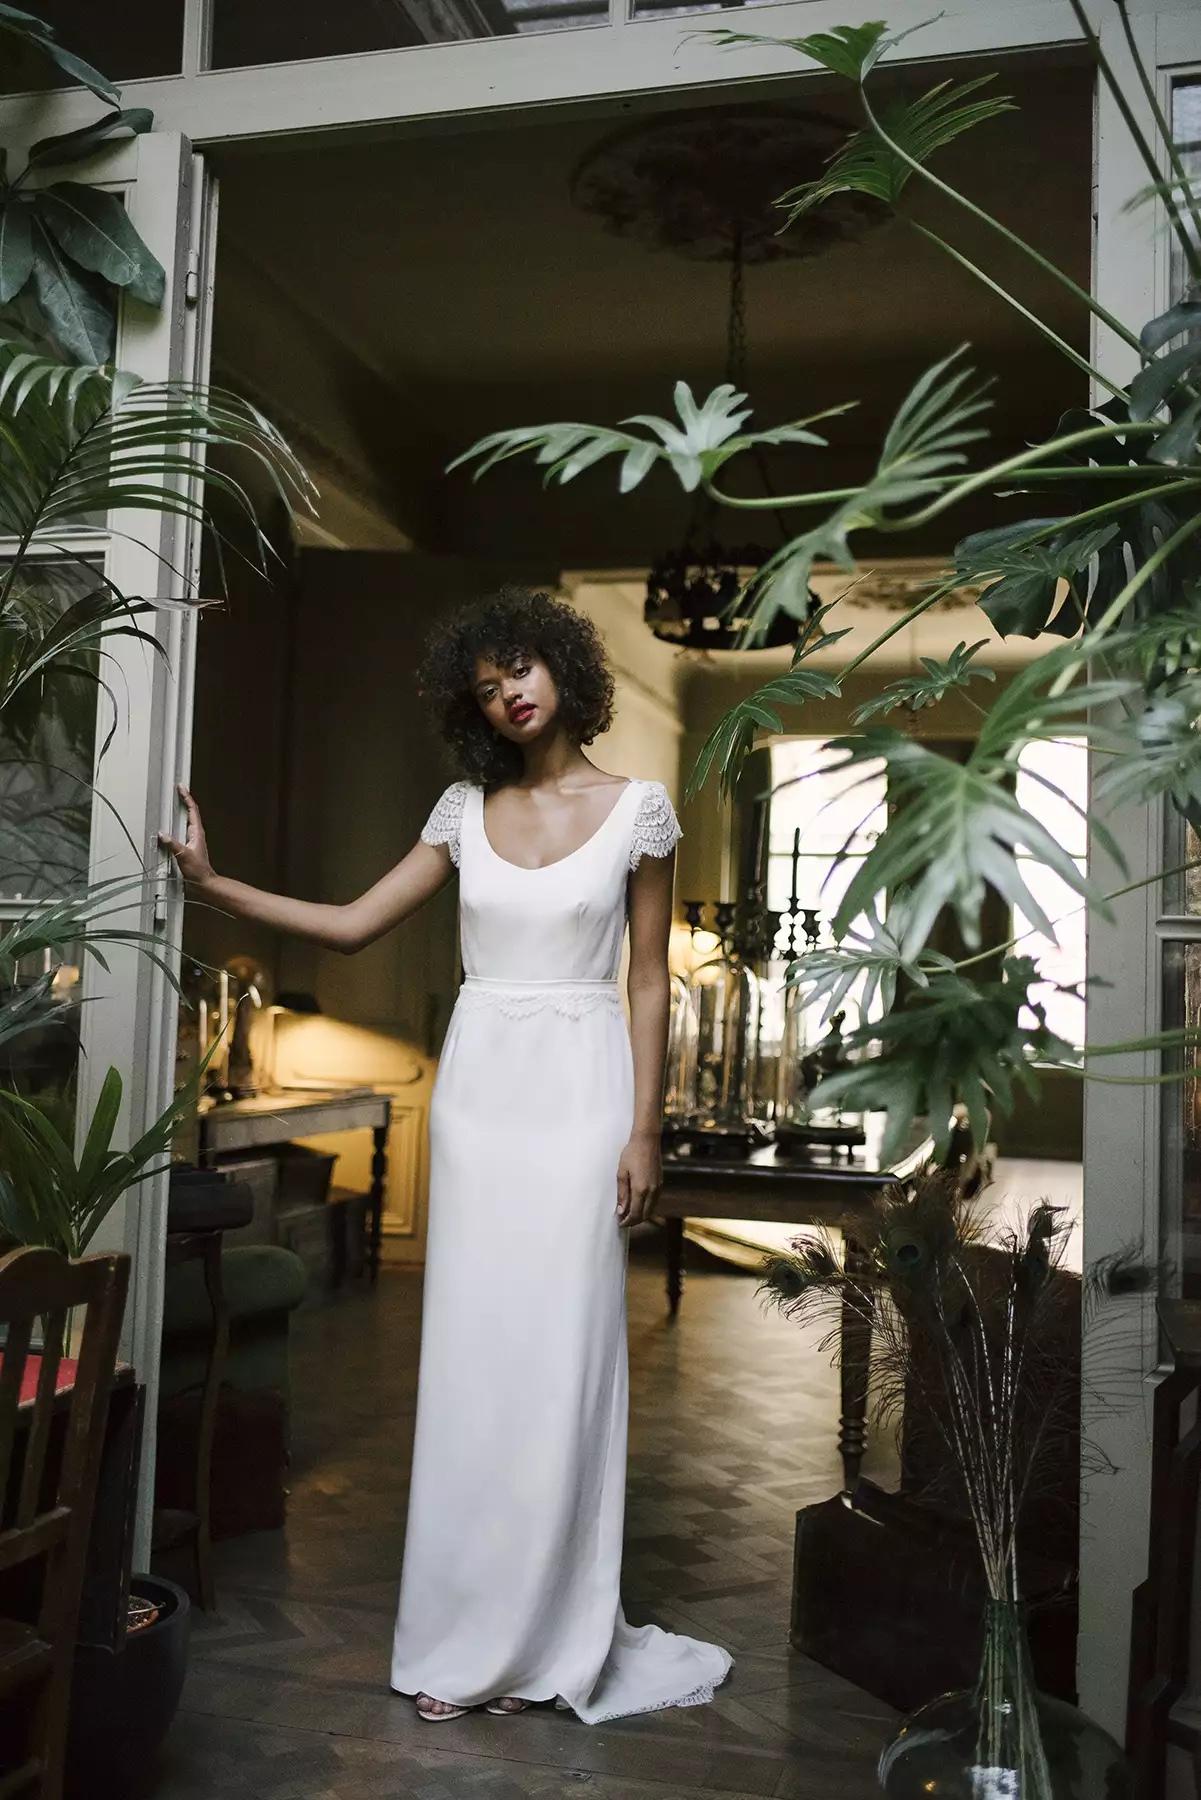 Vsqbpdv7YKY - 21 романтическое платье для невесты в 2021 свадебном сезоне